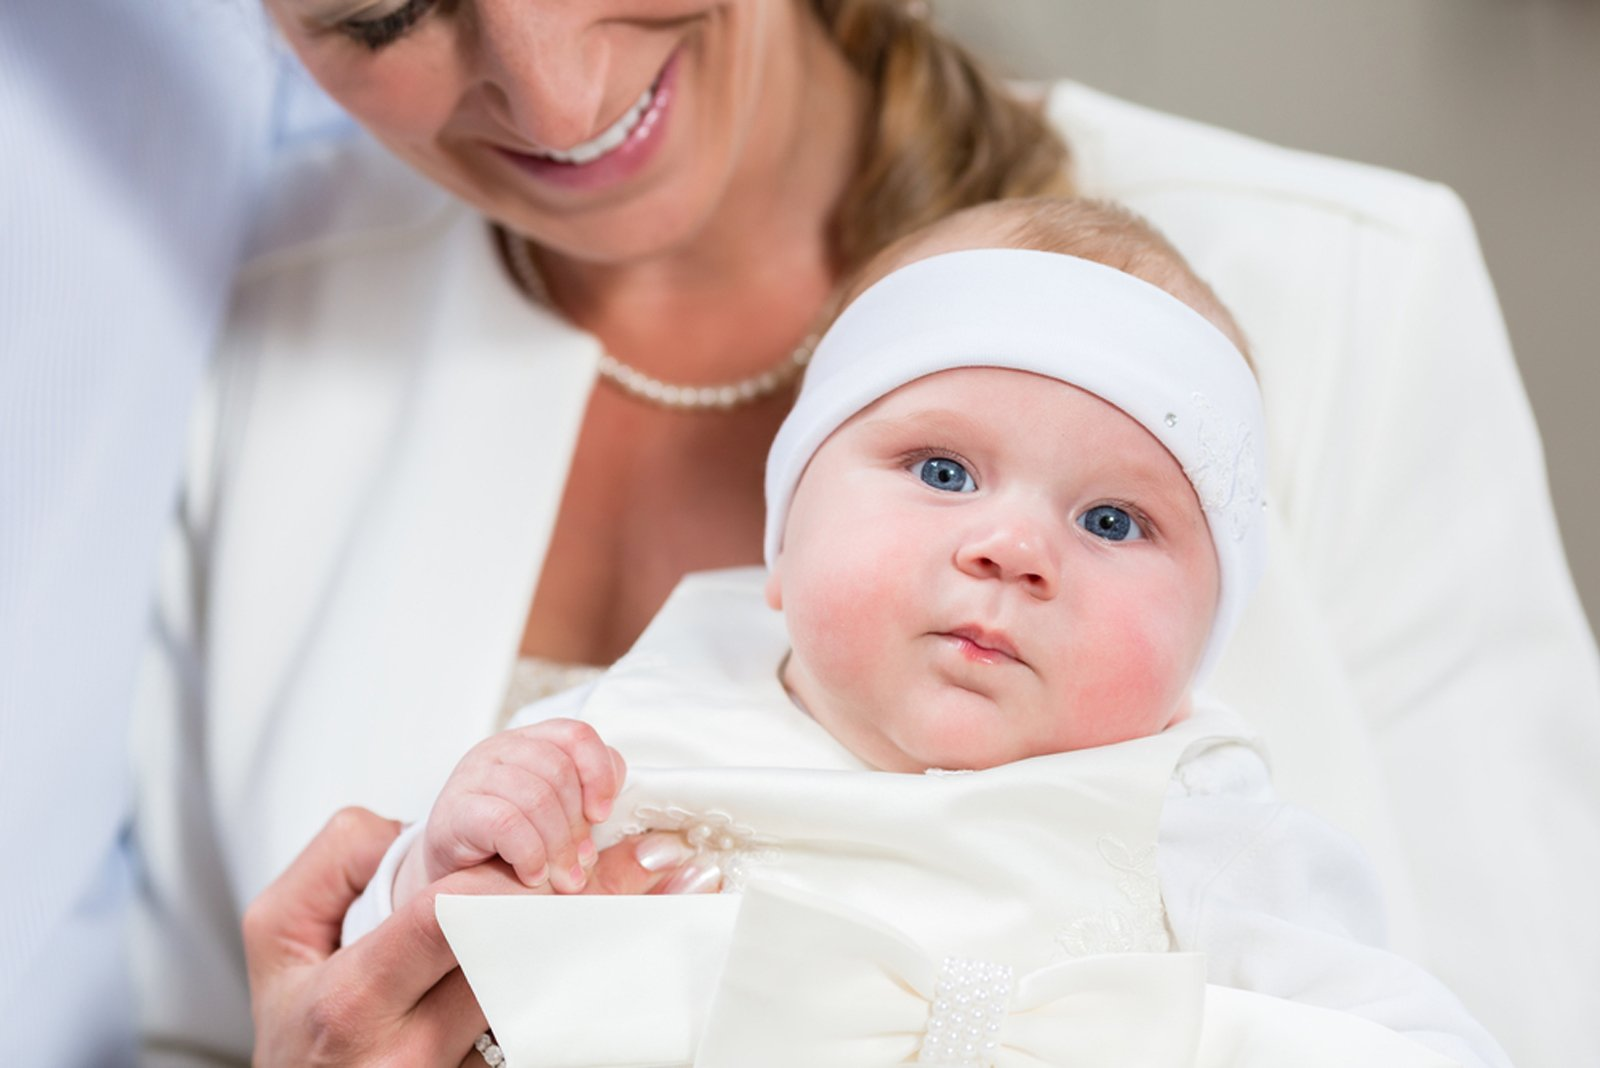 Baby naming